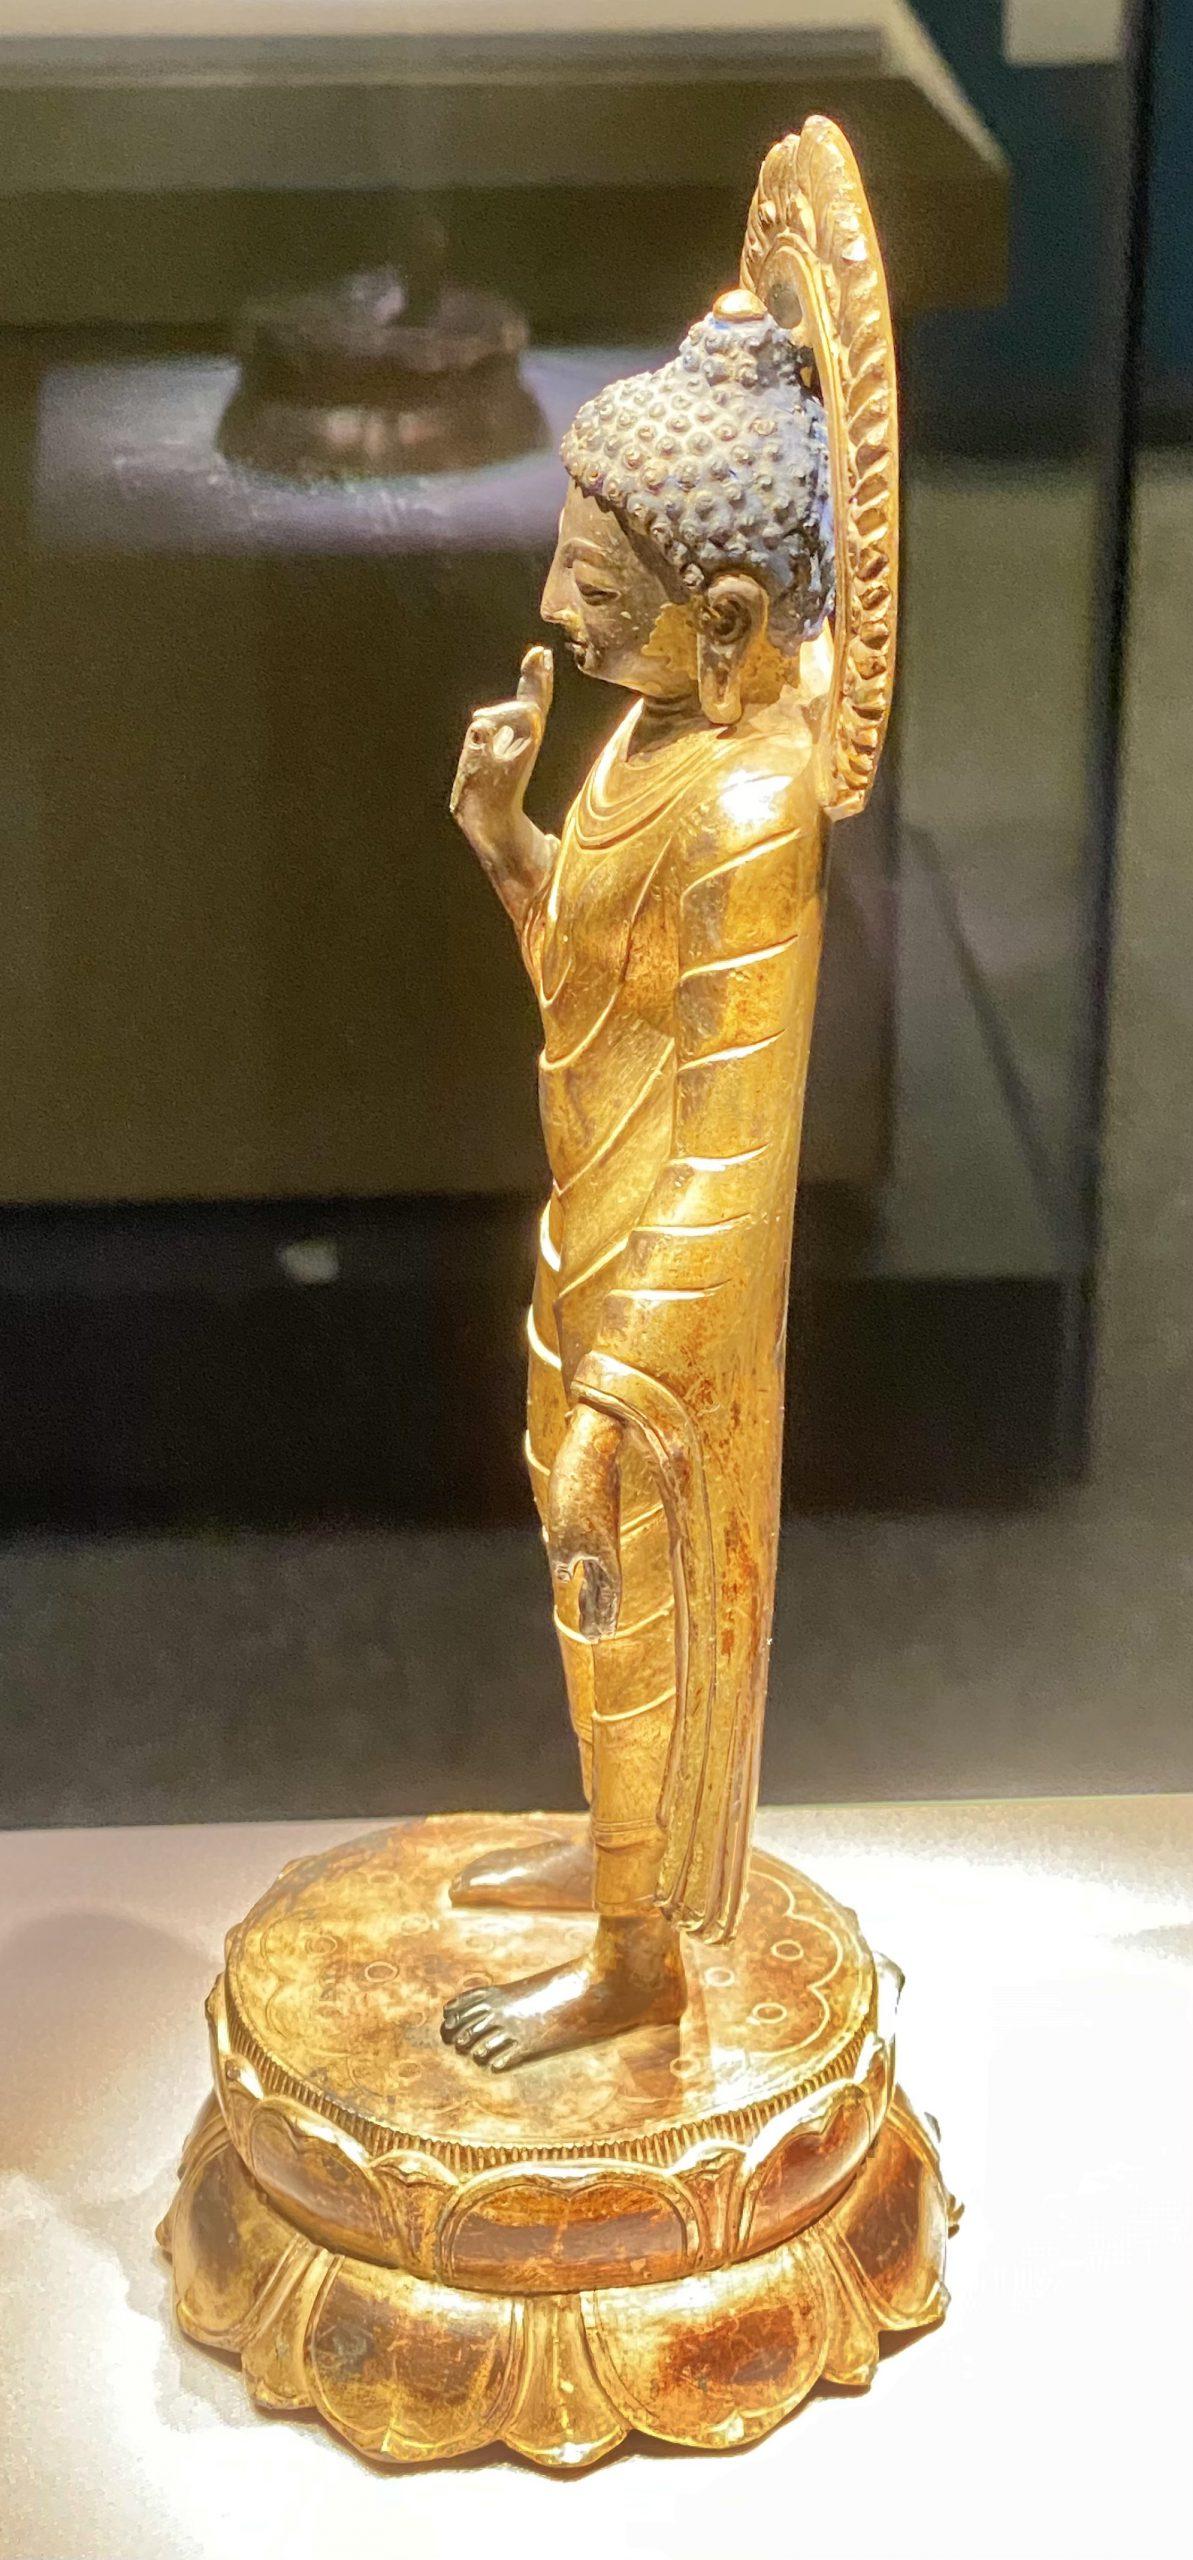 釋迦牟尼立像-明末清初-巡回特別展【天歌長歌-唐蕃古道】-四川博物館